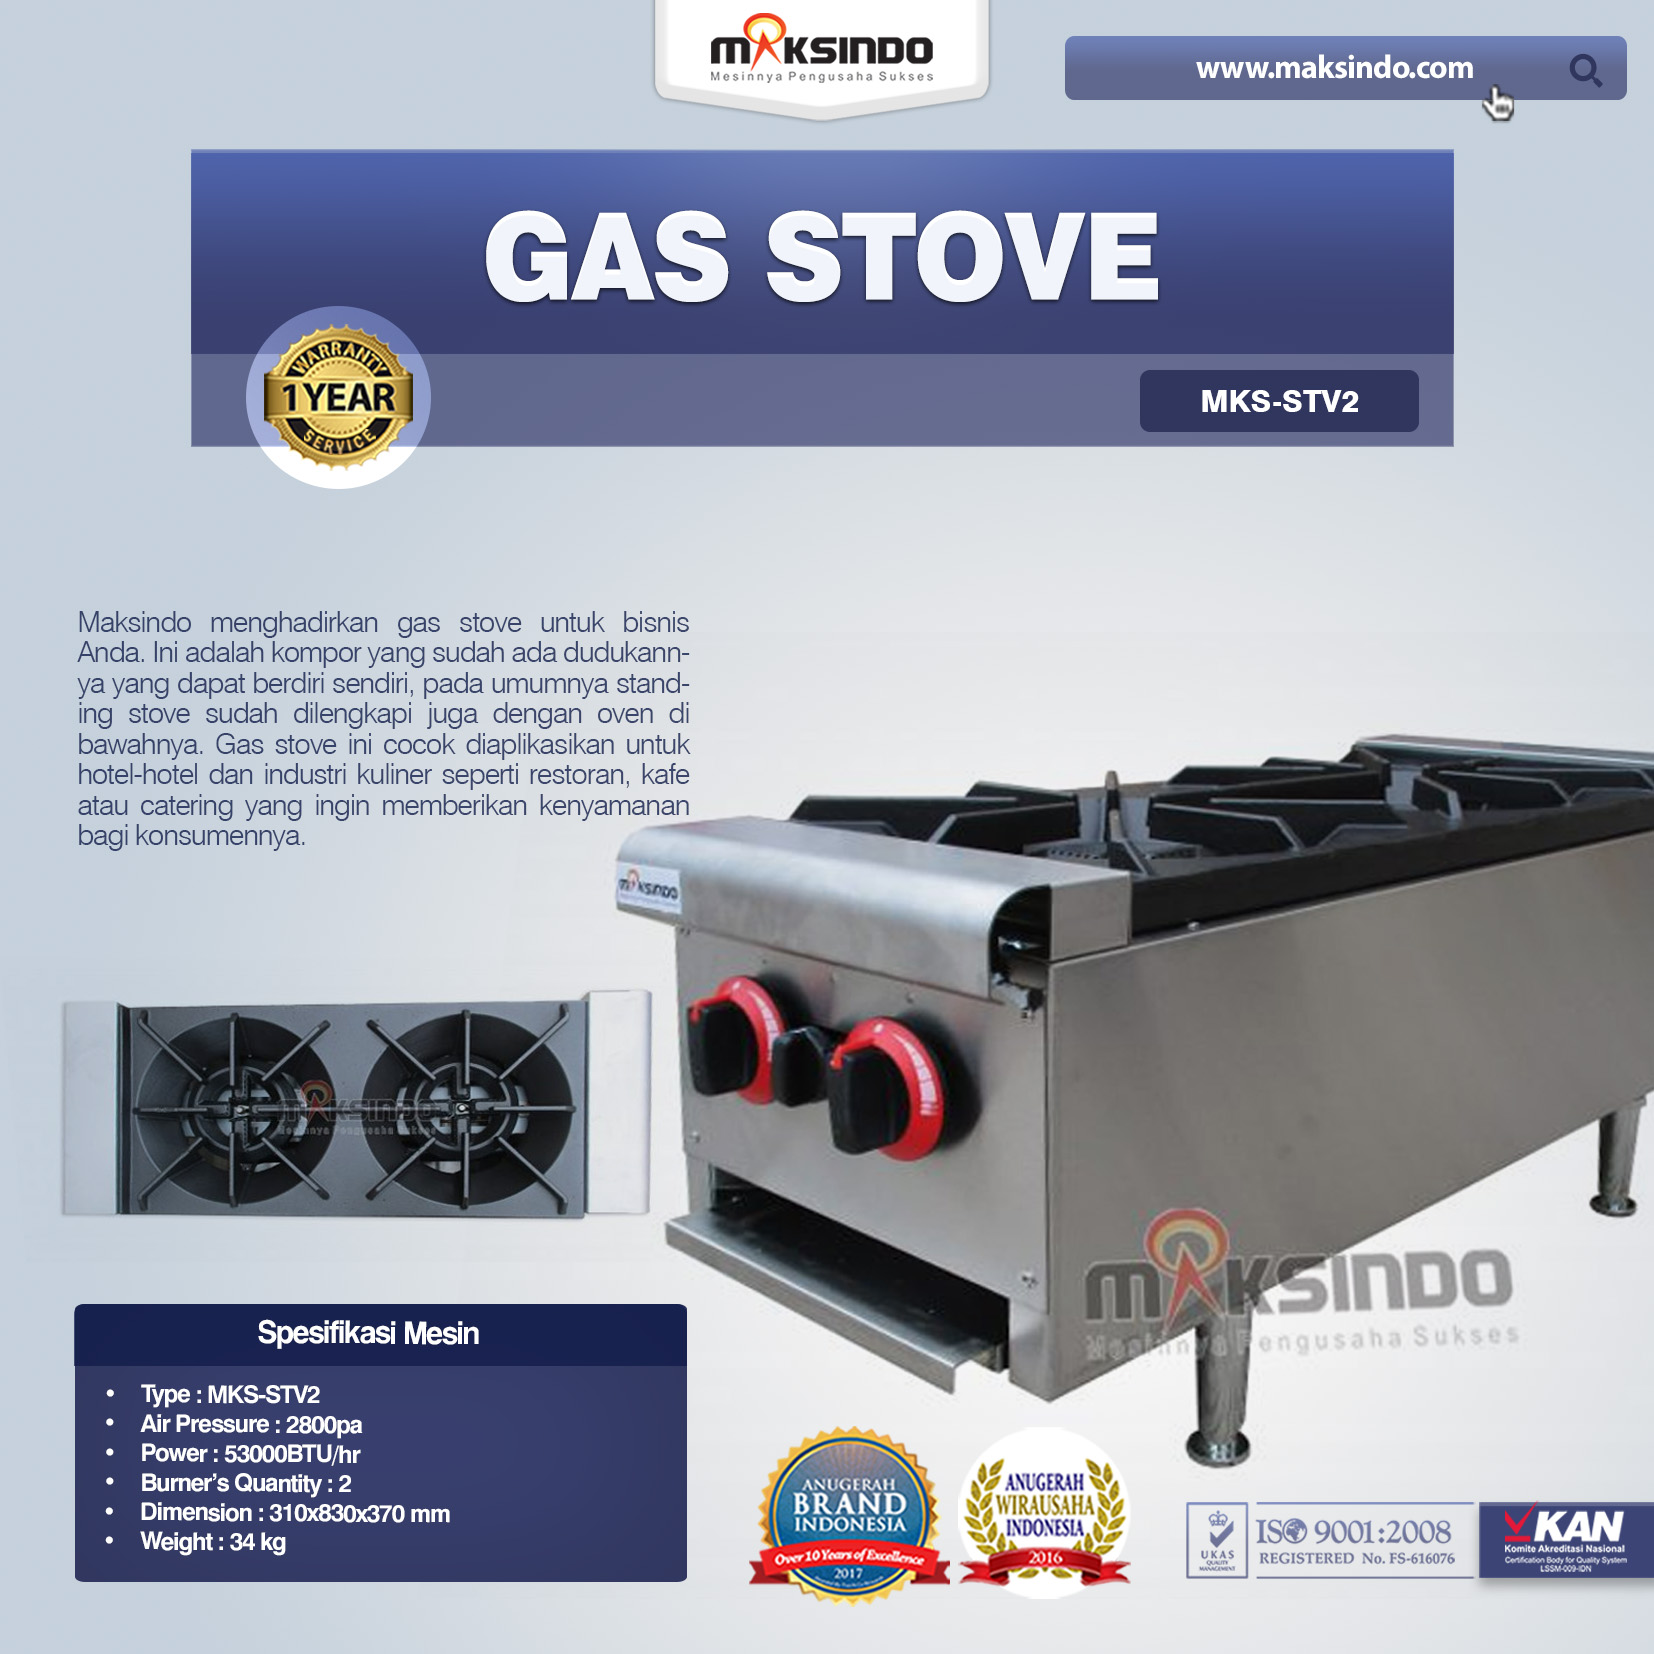 Gas Stove MKS-STV2